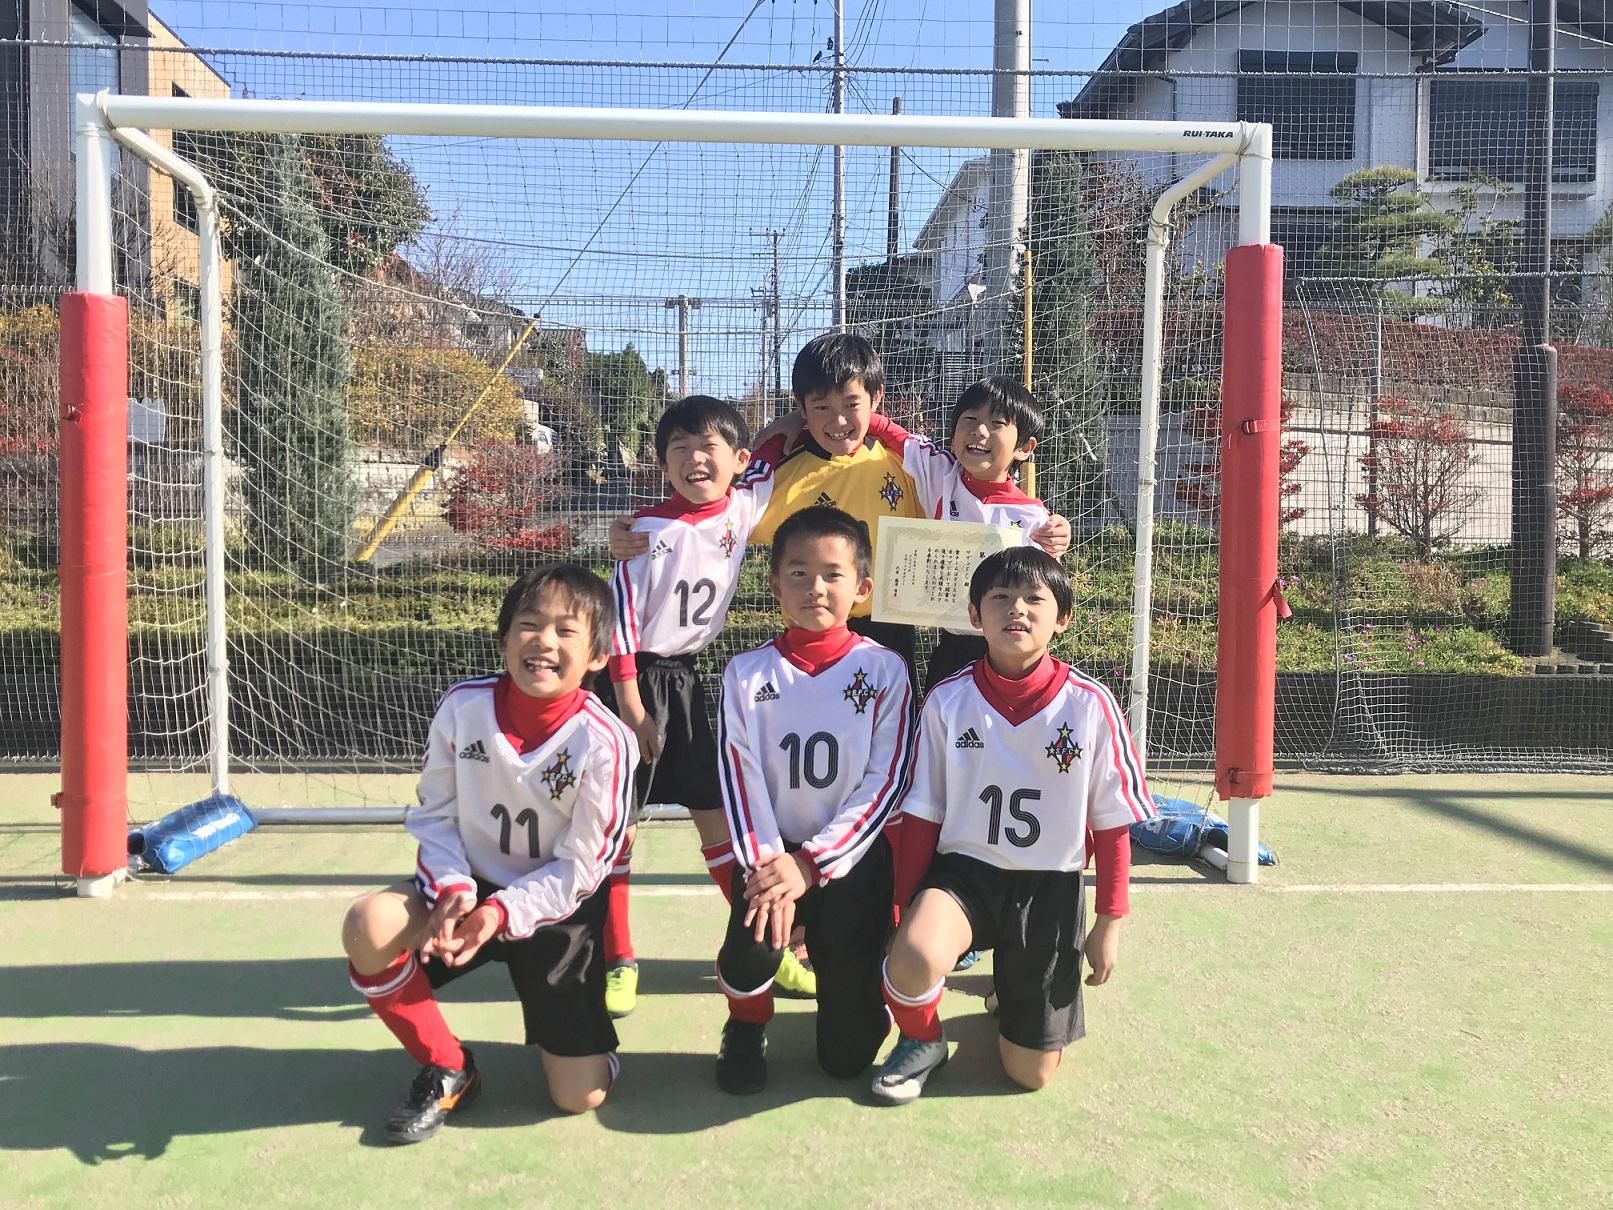 クリスマスカップ U-8 準優勝 12月3日